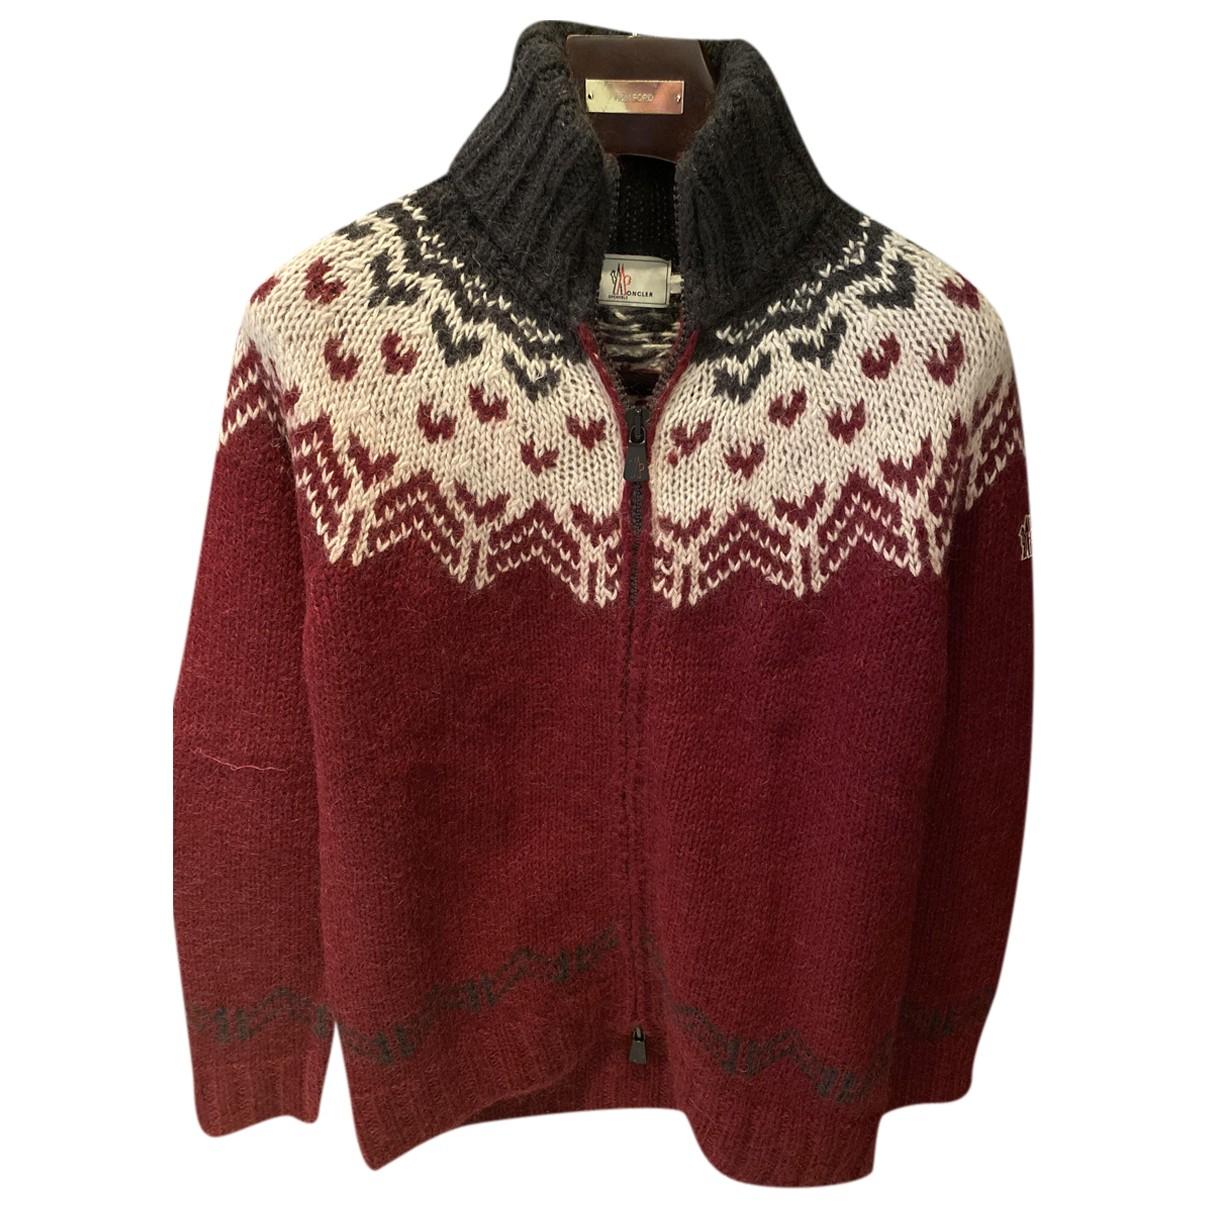 Moncler - Pulls.Gilets.Sweats   pour homme en laine - bordeaux